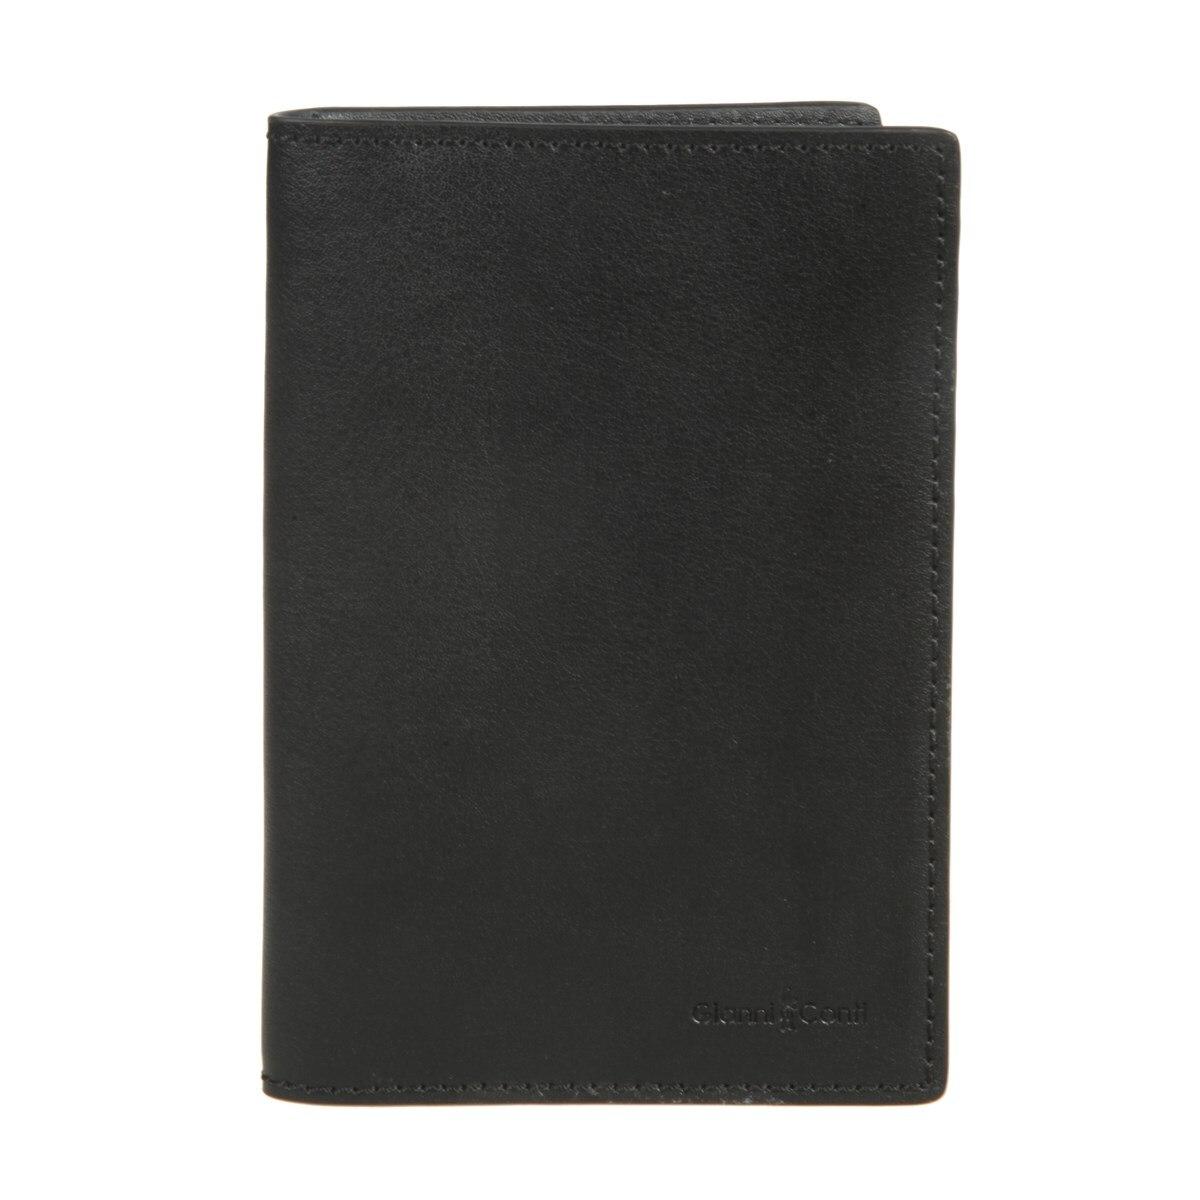 Cover for avtodokumentov Gianni Conti 1787463 black cover for avtodokumentov gianni conti 1227455 black